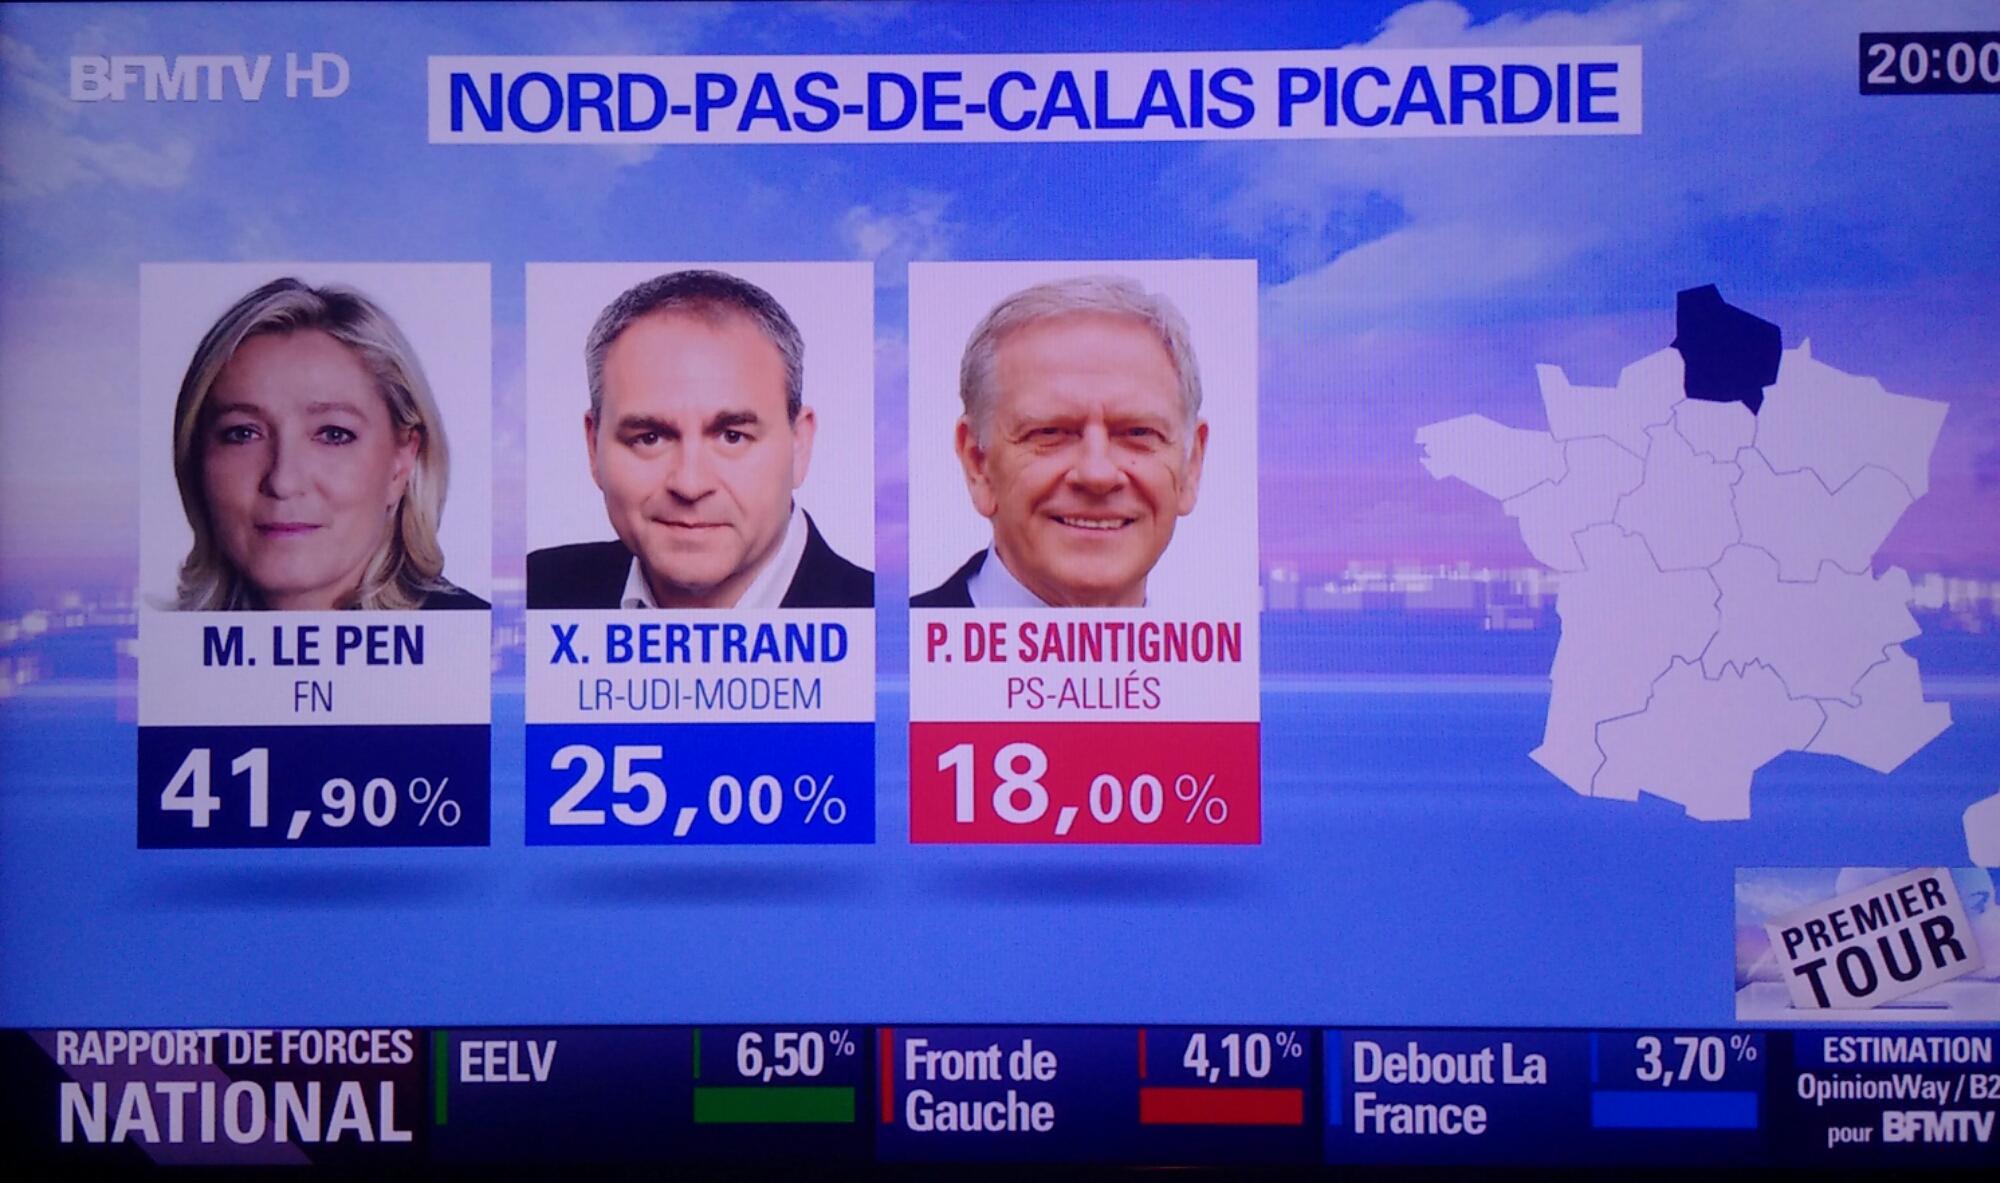 Résultats régionales 2015 Nord-Pas-de-calais Picardie